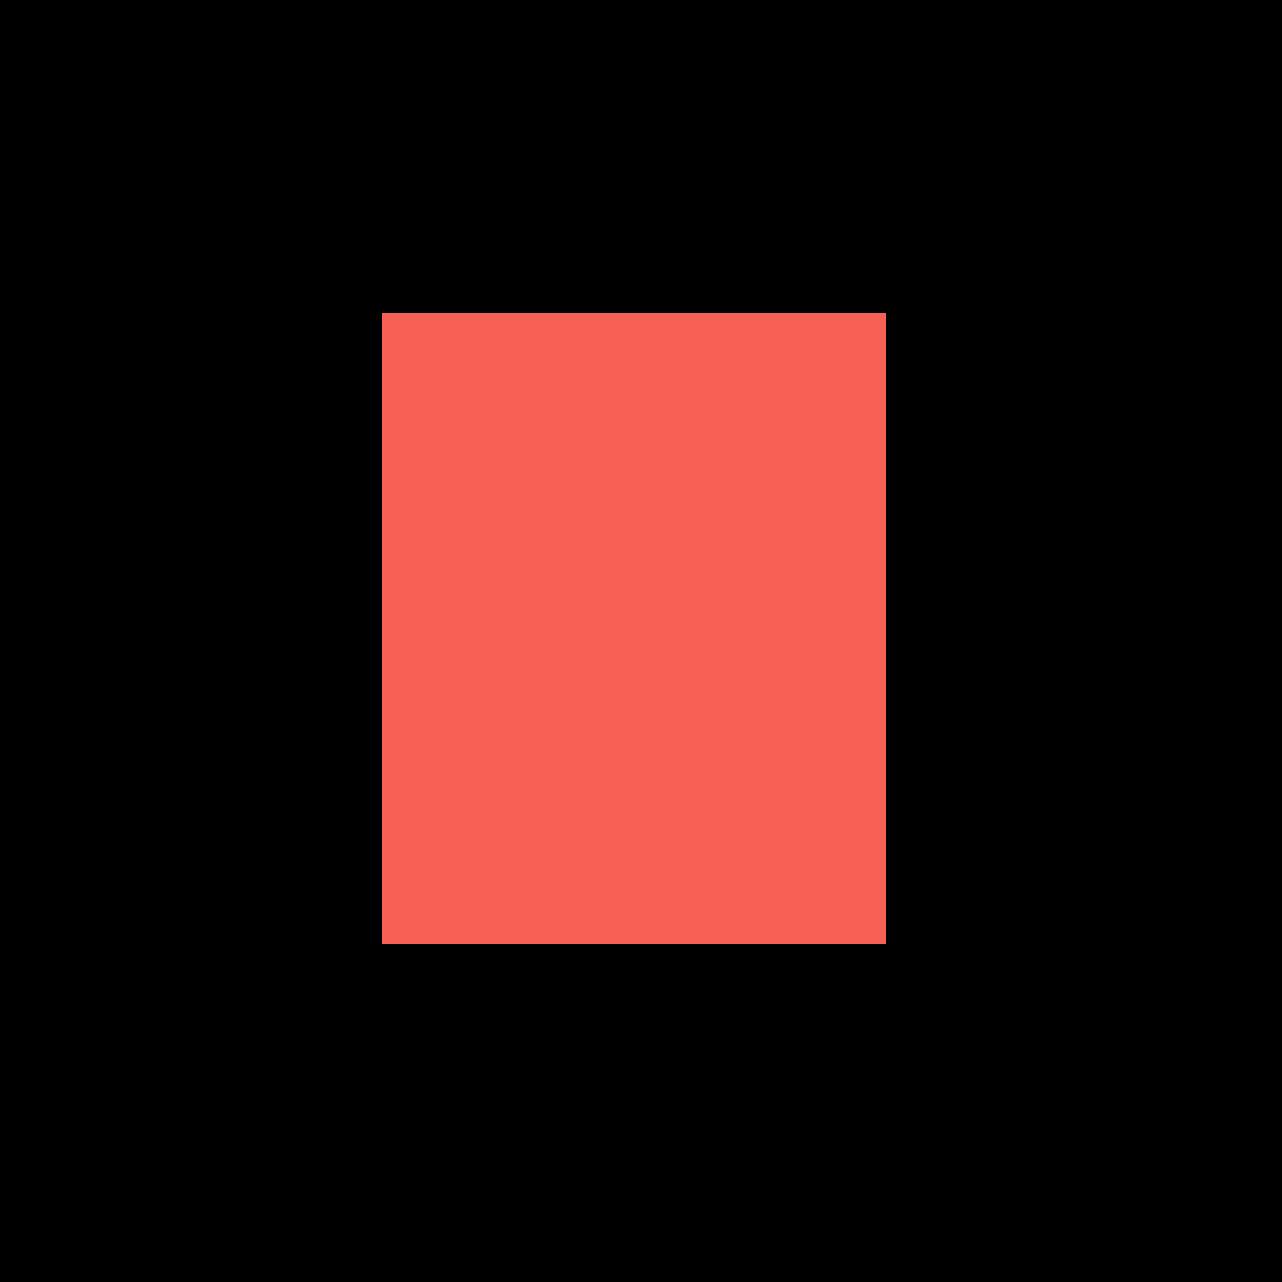 noun_Apple_1203061.png